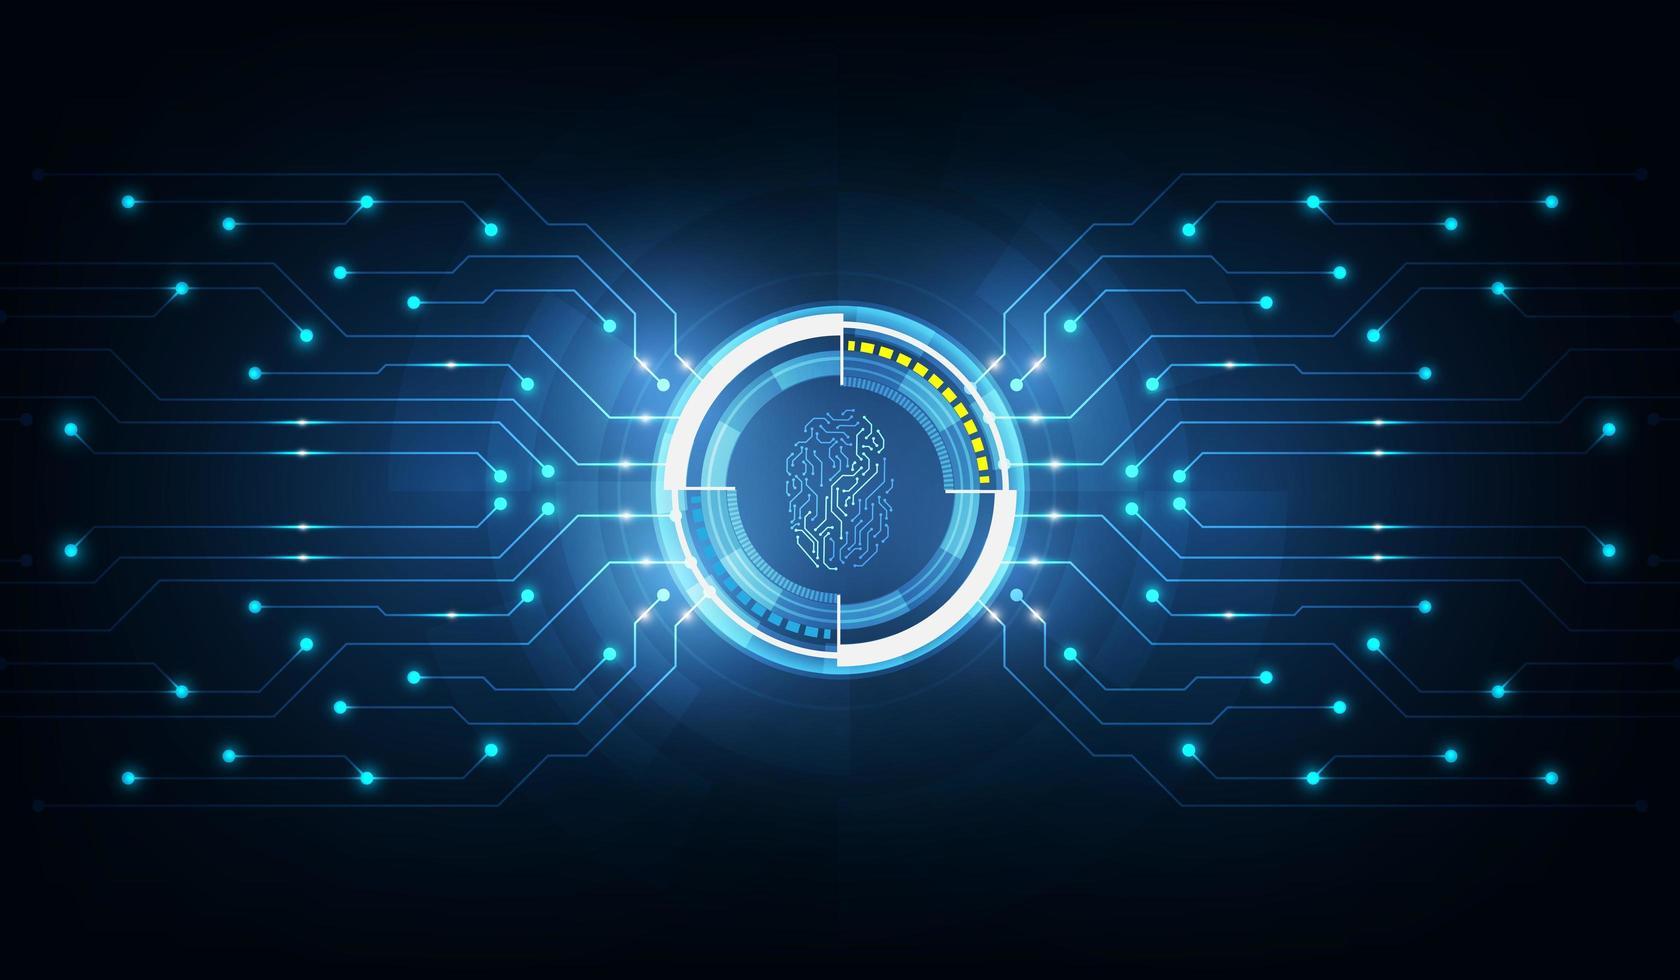 technologie abstraite background.security system concept avec empreinte digitale lettre p signe.vector illustration vecteur